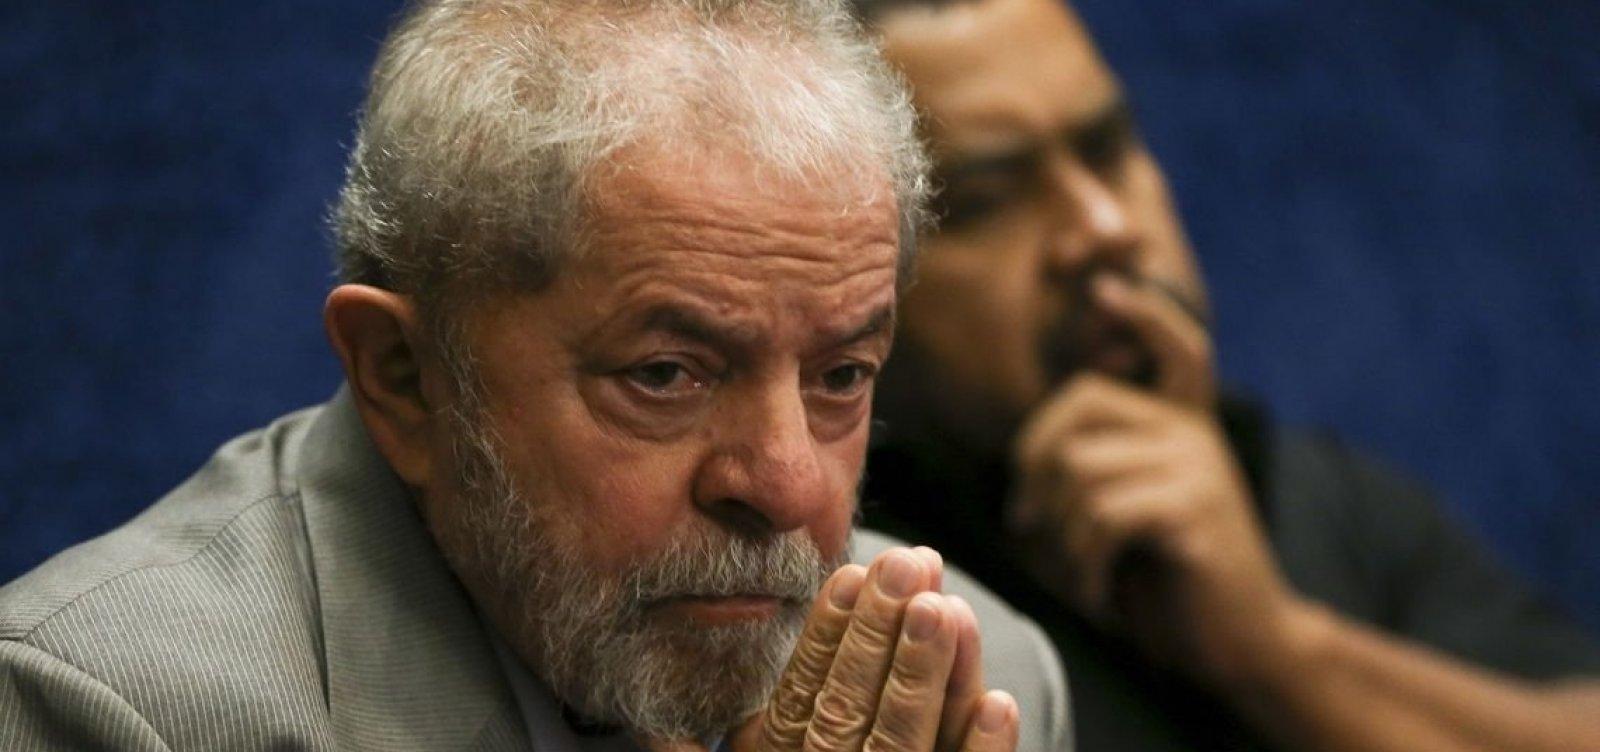 [Tribunal nega pedido de Lula e mantém julgamento sobre anulação de sentença do sítio]